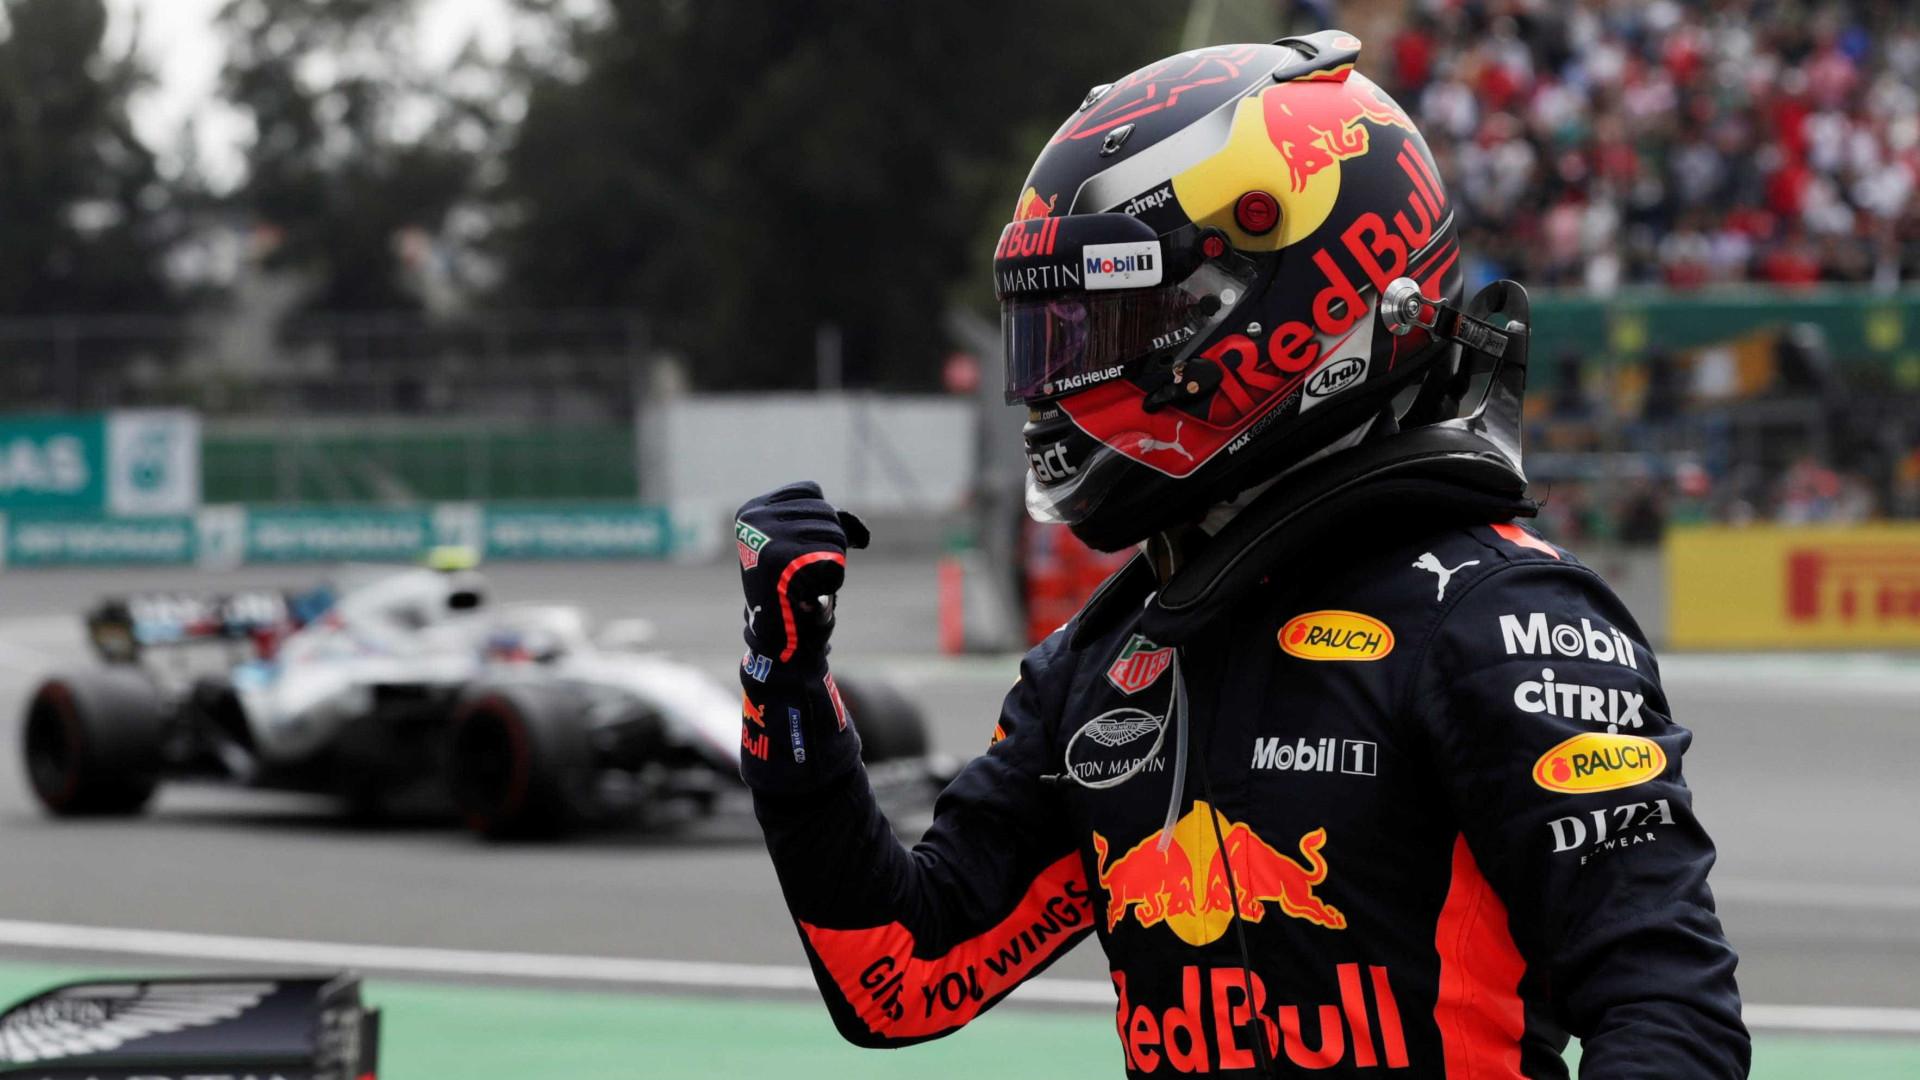 Max Verstappen vira fenômeno e atrai legião de fãs para a Fórmula 1